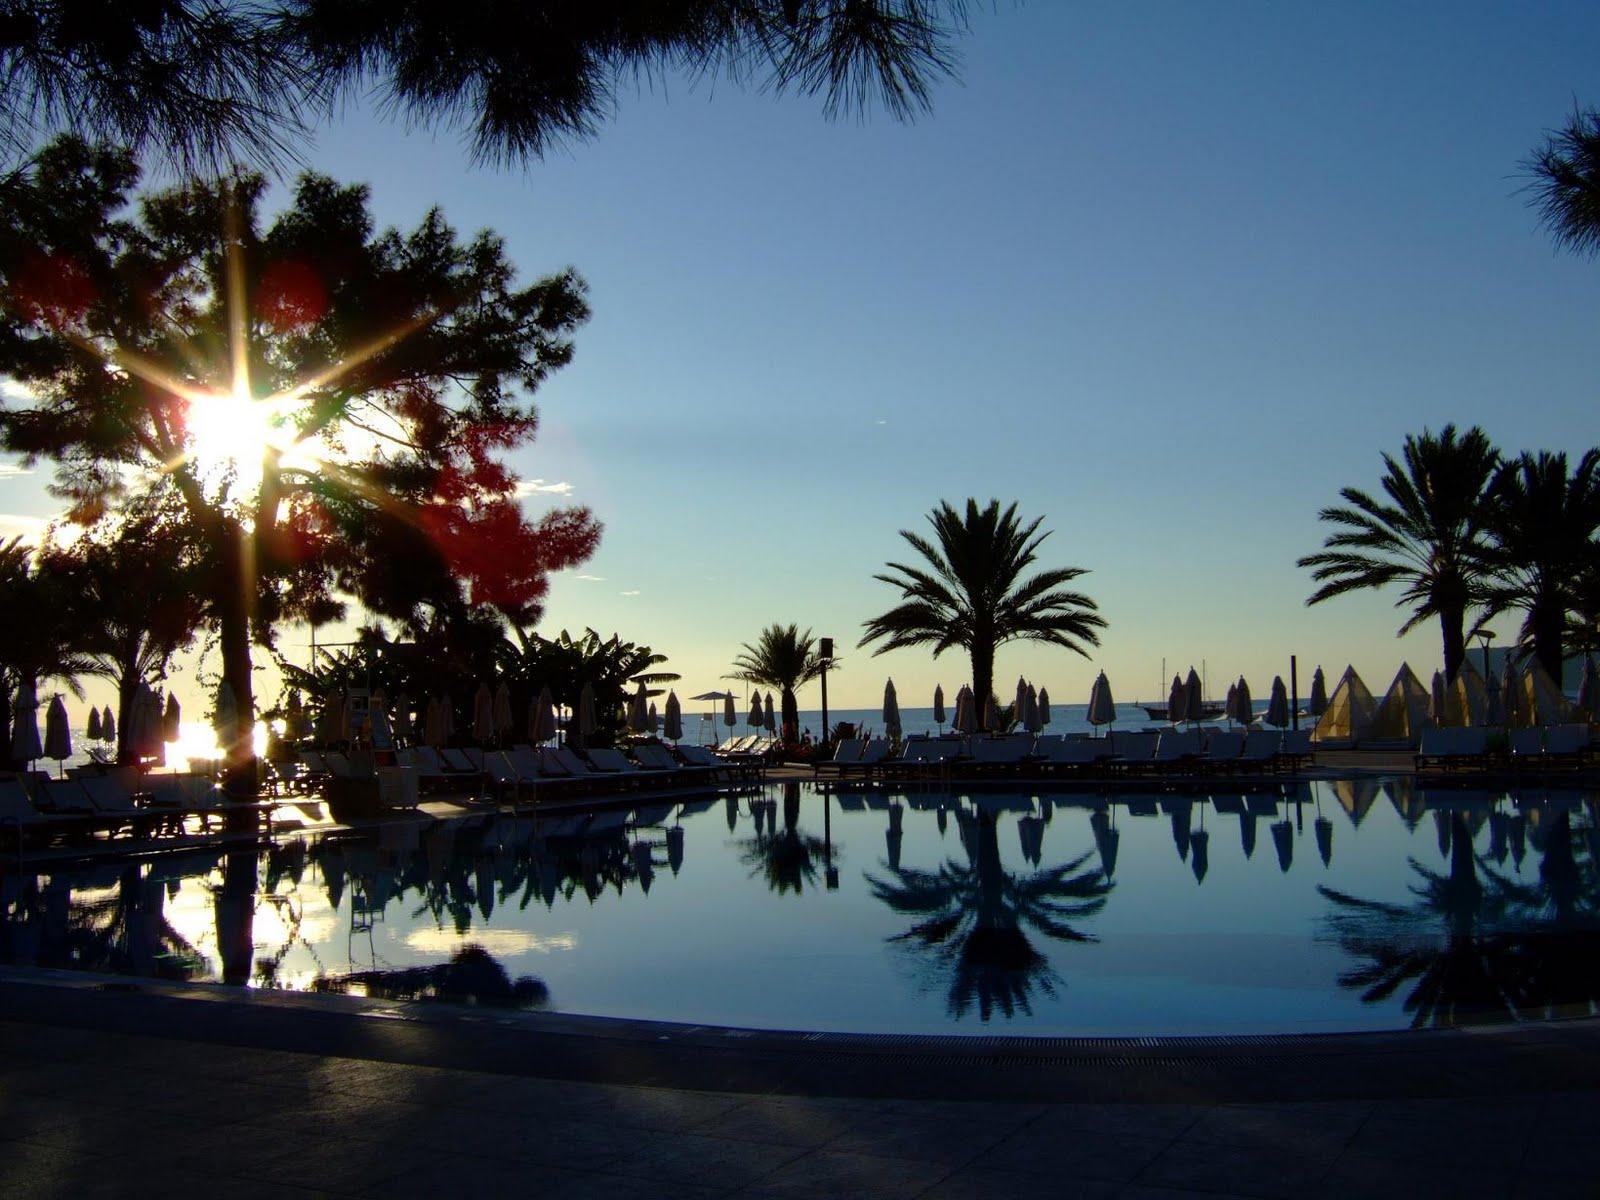 Vacances seule forum fr for Club piscine plus cppq laval